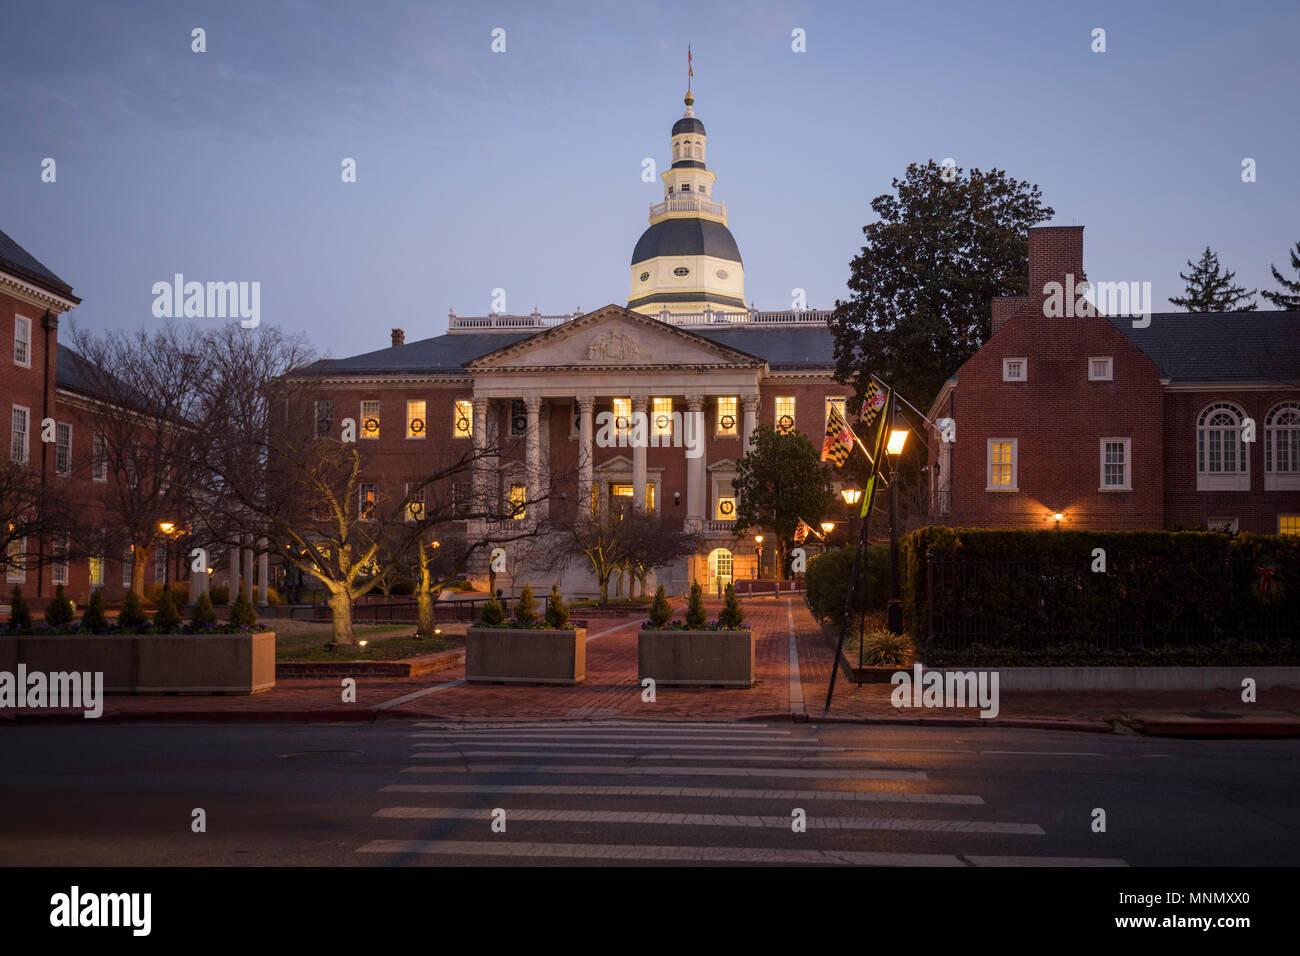 La State House, Annapolis Maryland, est le foyer de l'état gouvernement. Banque D'Images